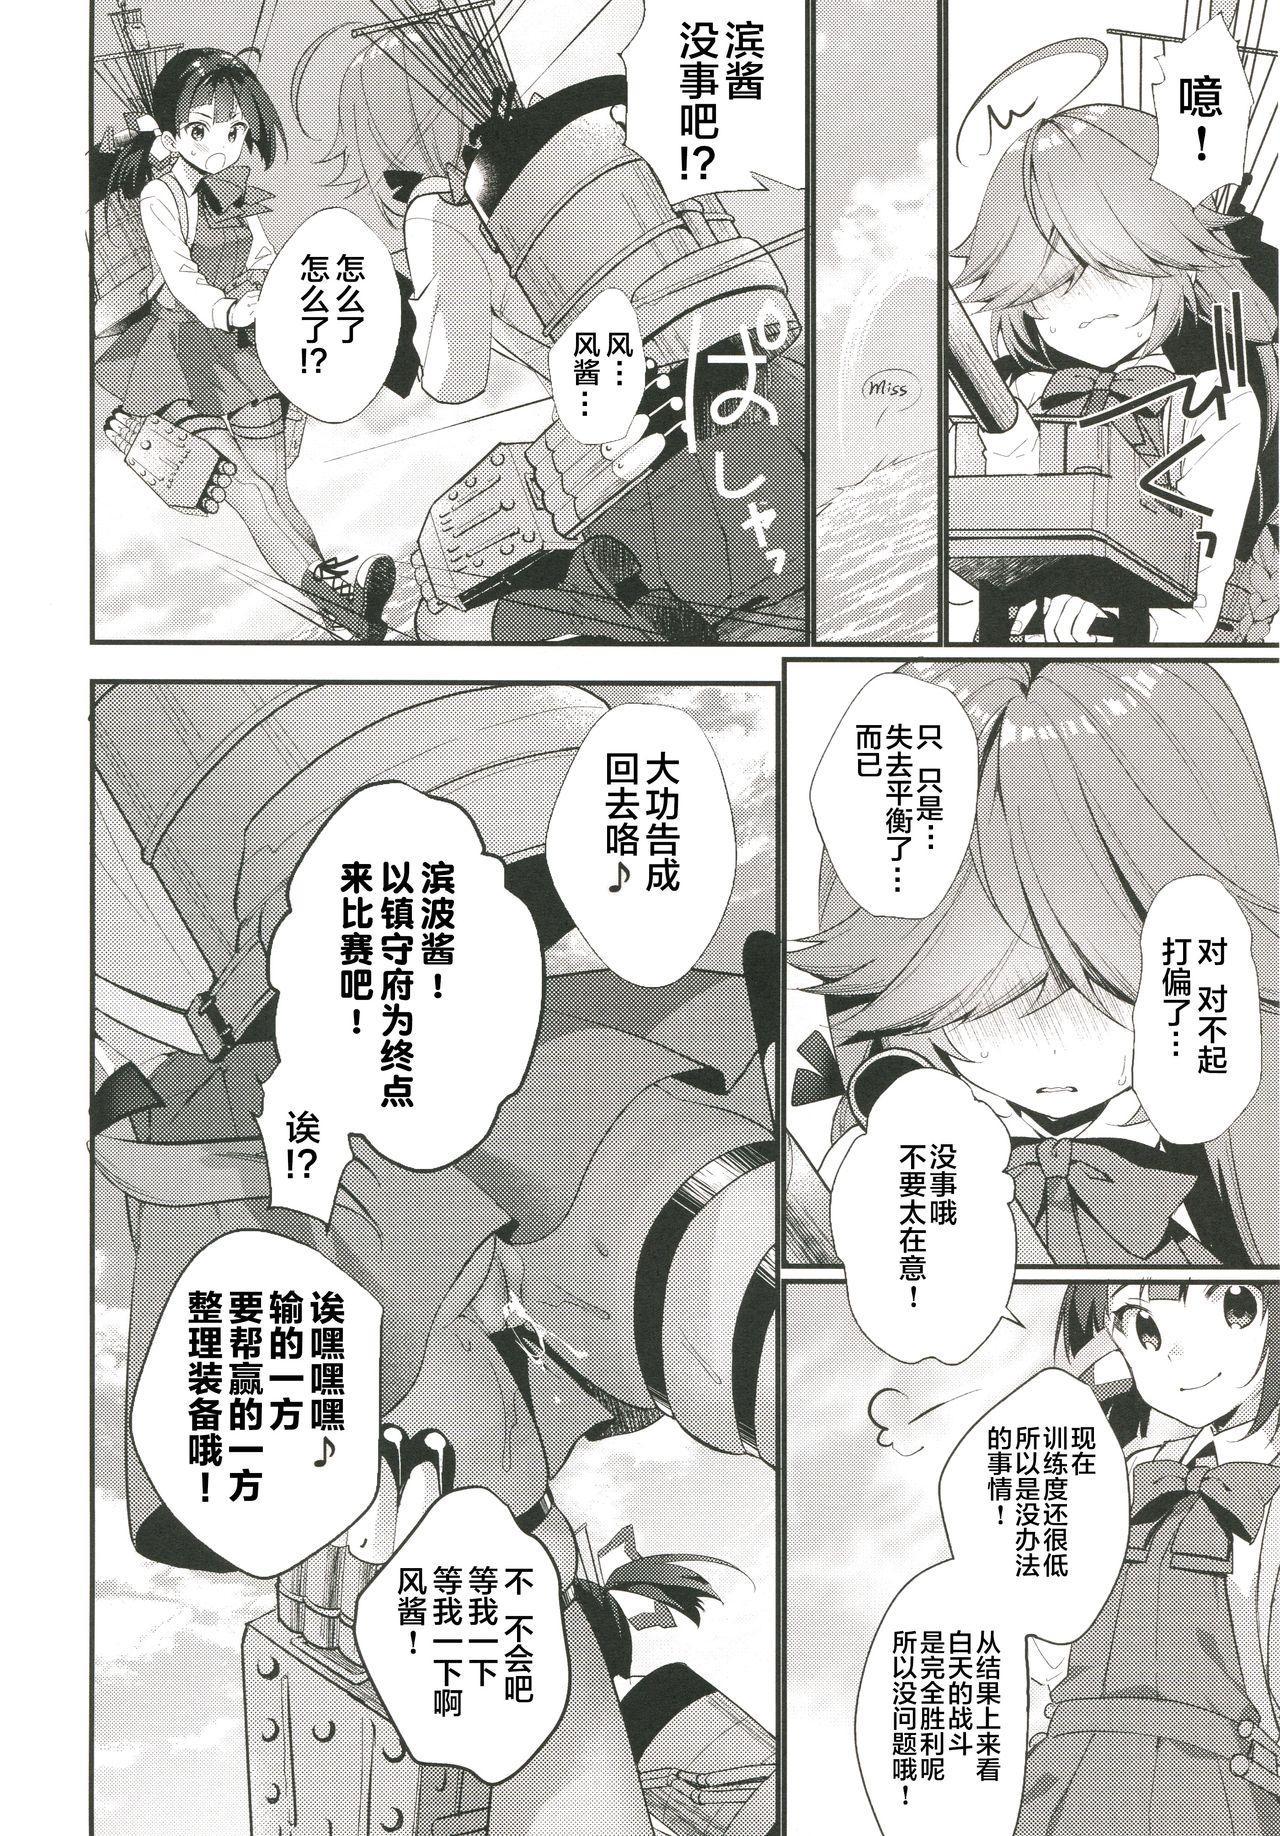 1-koma mo Me ga Denai Hamanami no Erohon 5